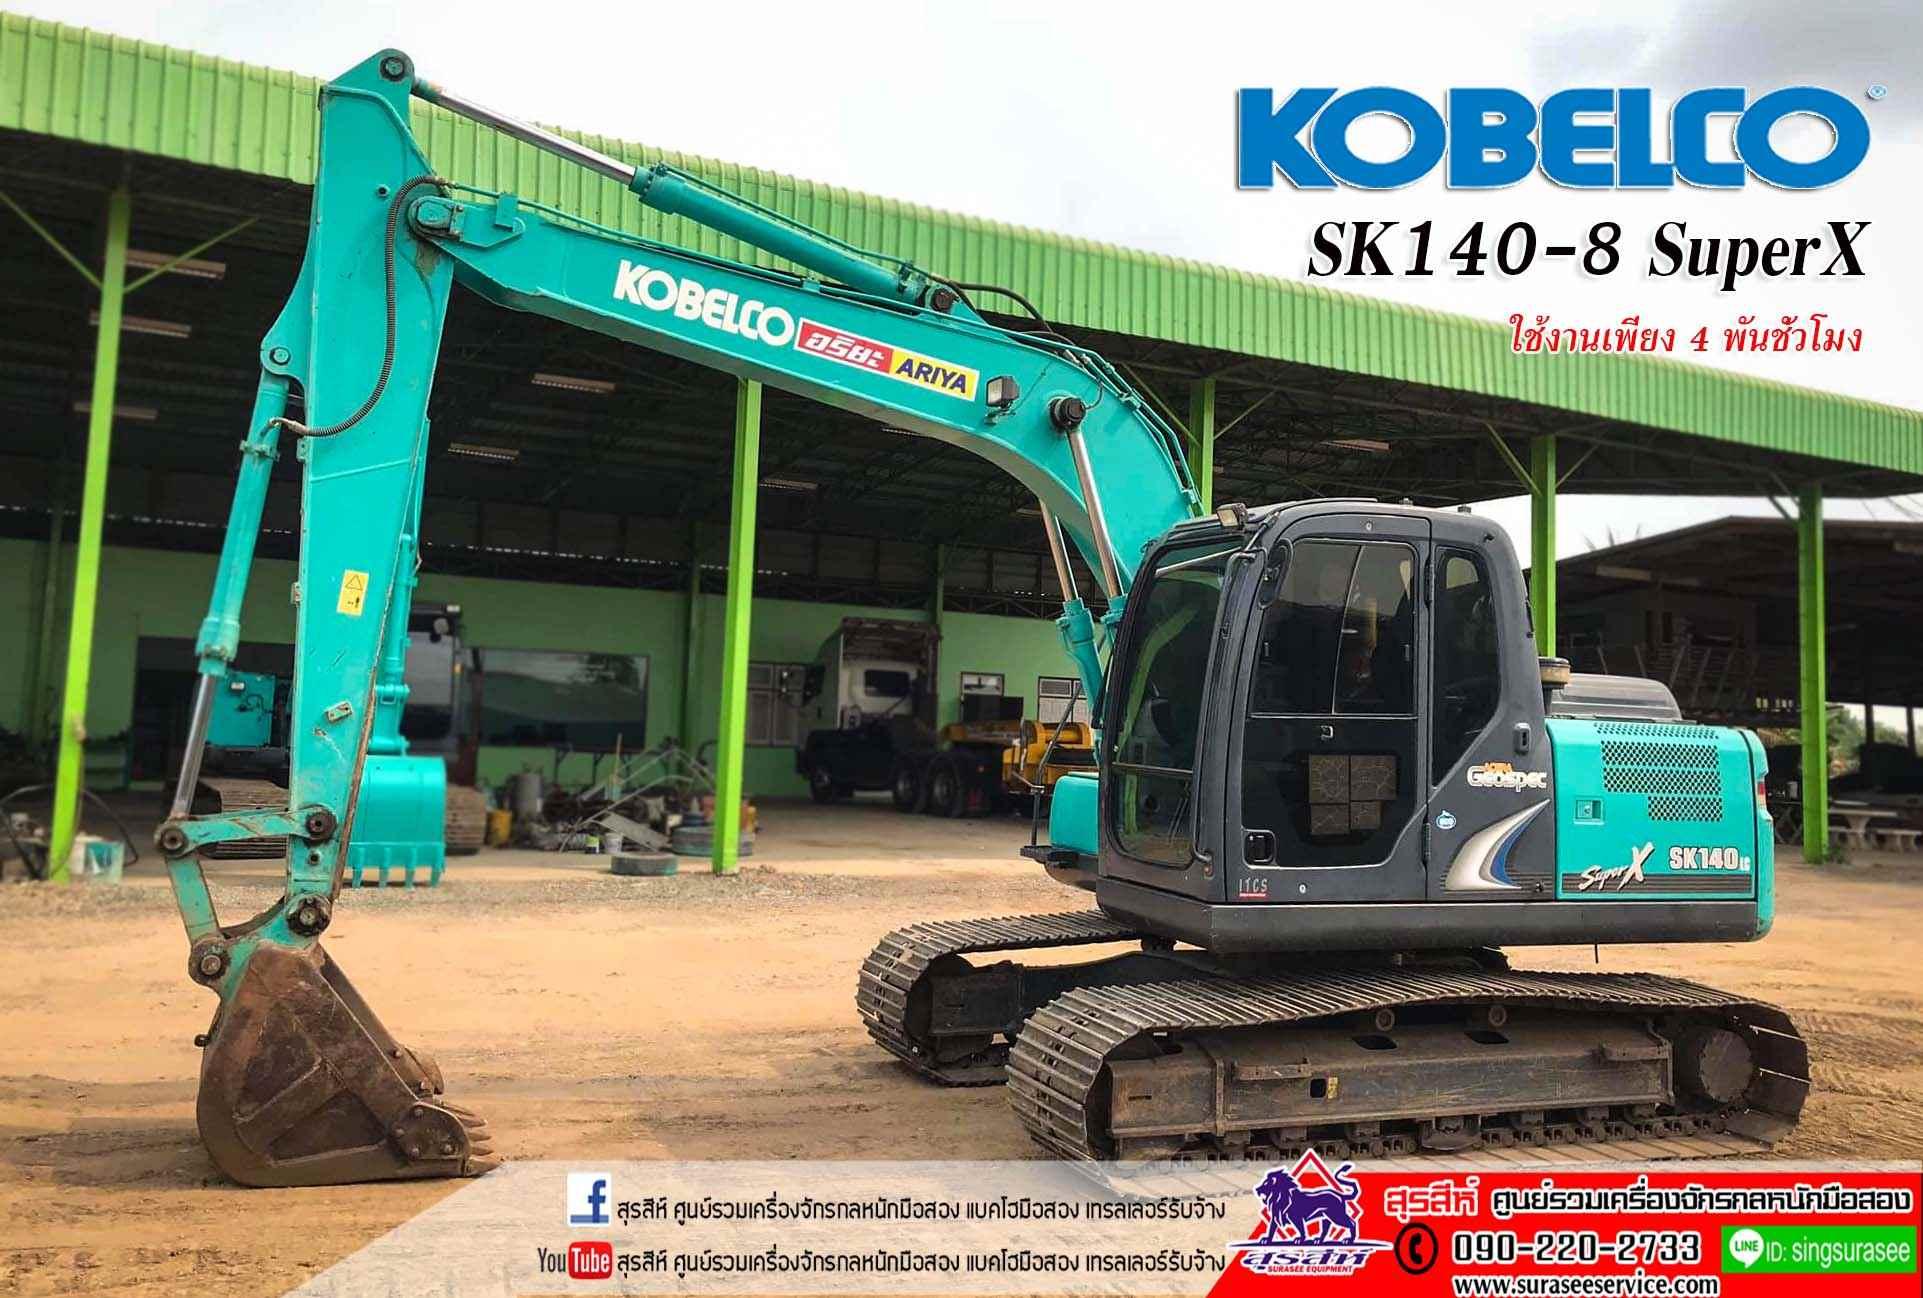 ขายแบคโฮมือสอง KOBELCO SK140LC-8 YP09 SuperX ใช้งานเพียง 4 พันชั่วโมง สภาพนางฟ้า เอกสารชุดแจ้งจำหน่าย